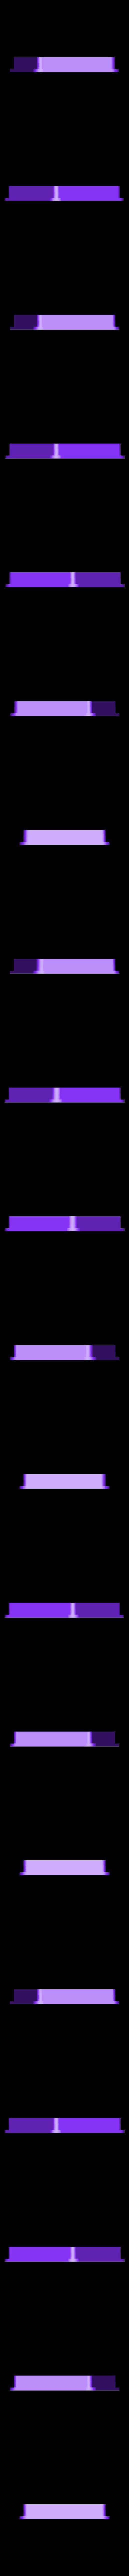 Escudo Linterna Verde.stl Télécharger fichier STL gratuit Coupe-biscuits Lampe de poche verte • Objet pour impression 3D, insua_lucas